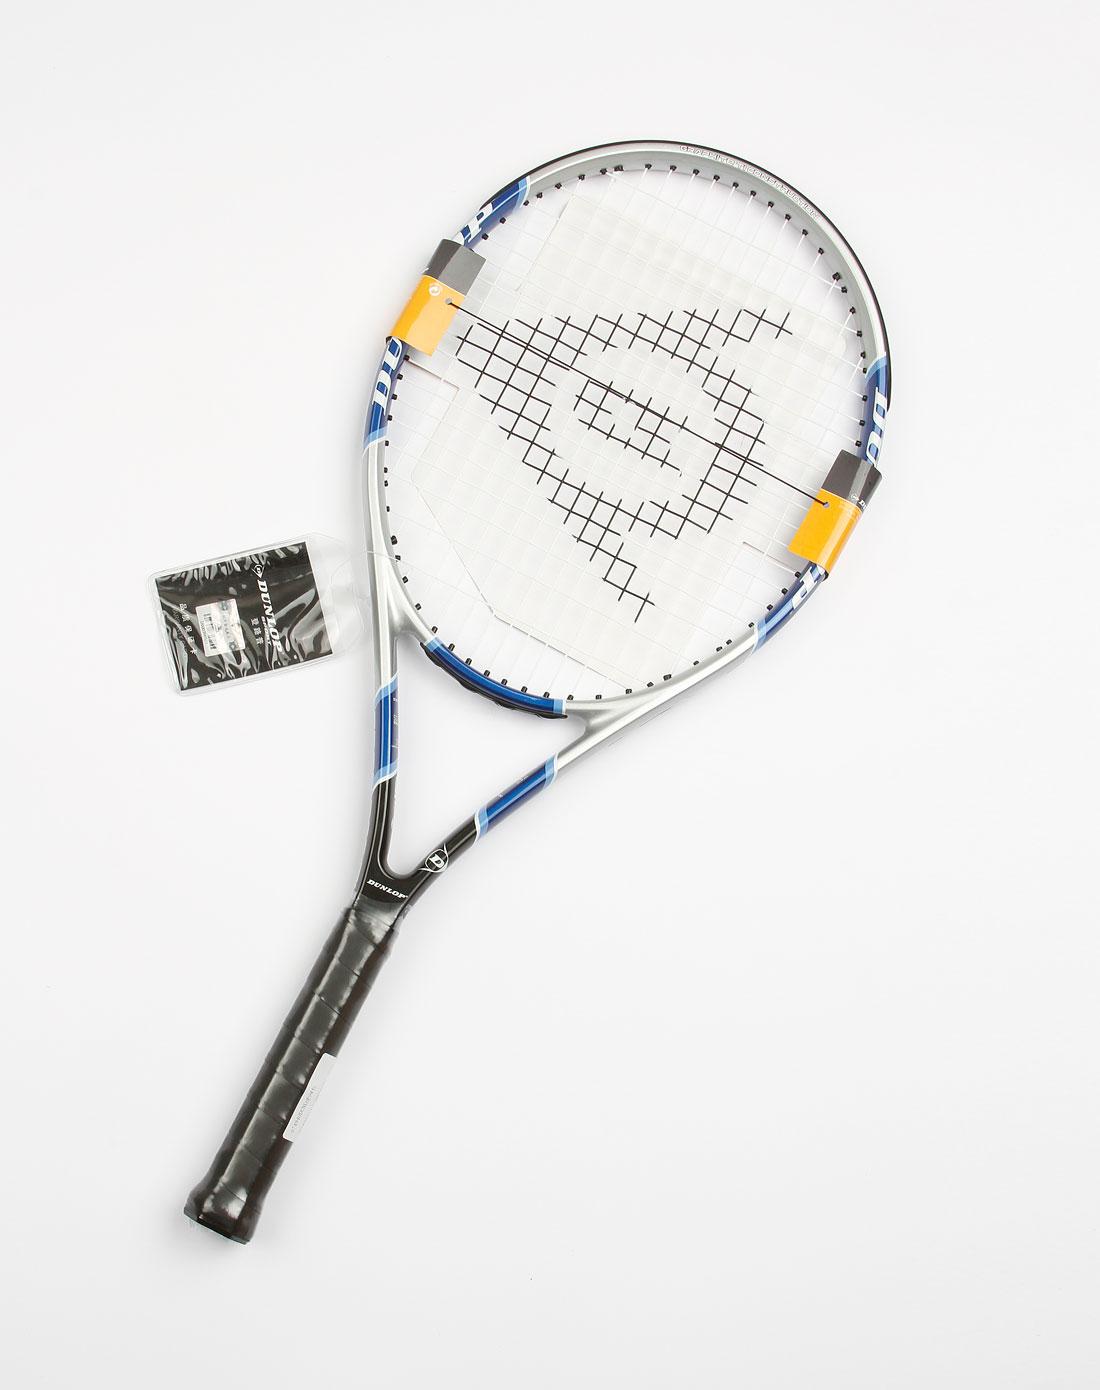 邓禄普网球拍_邓禄普网球拍【正品秒杀】邓禄普网球拍厂家